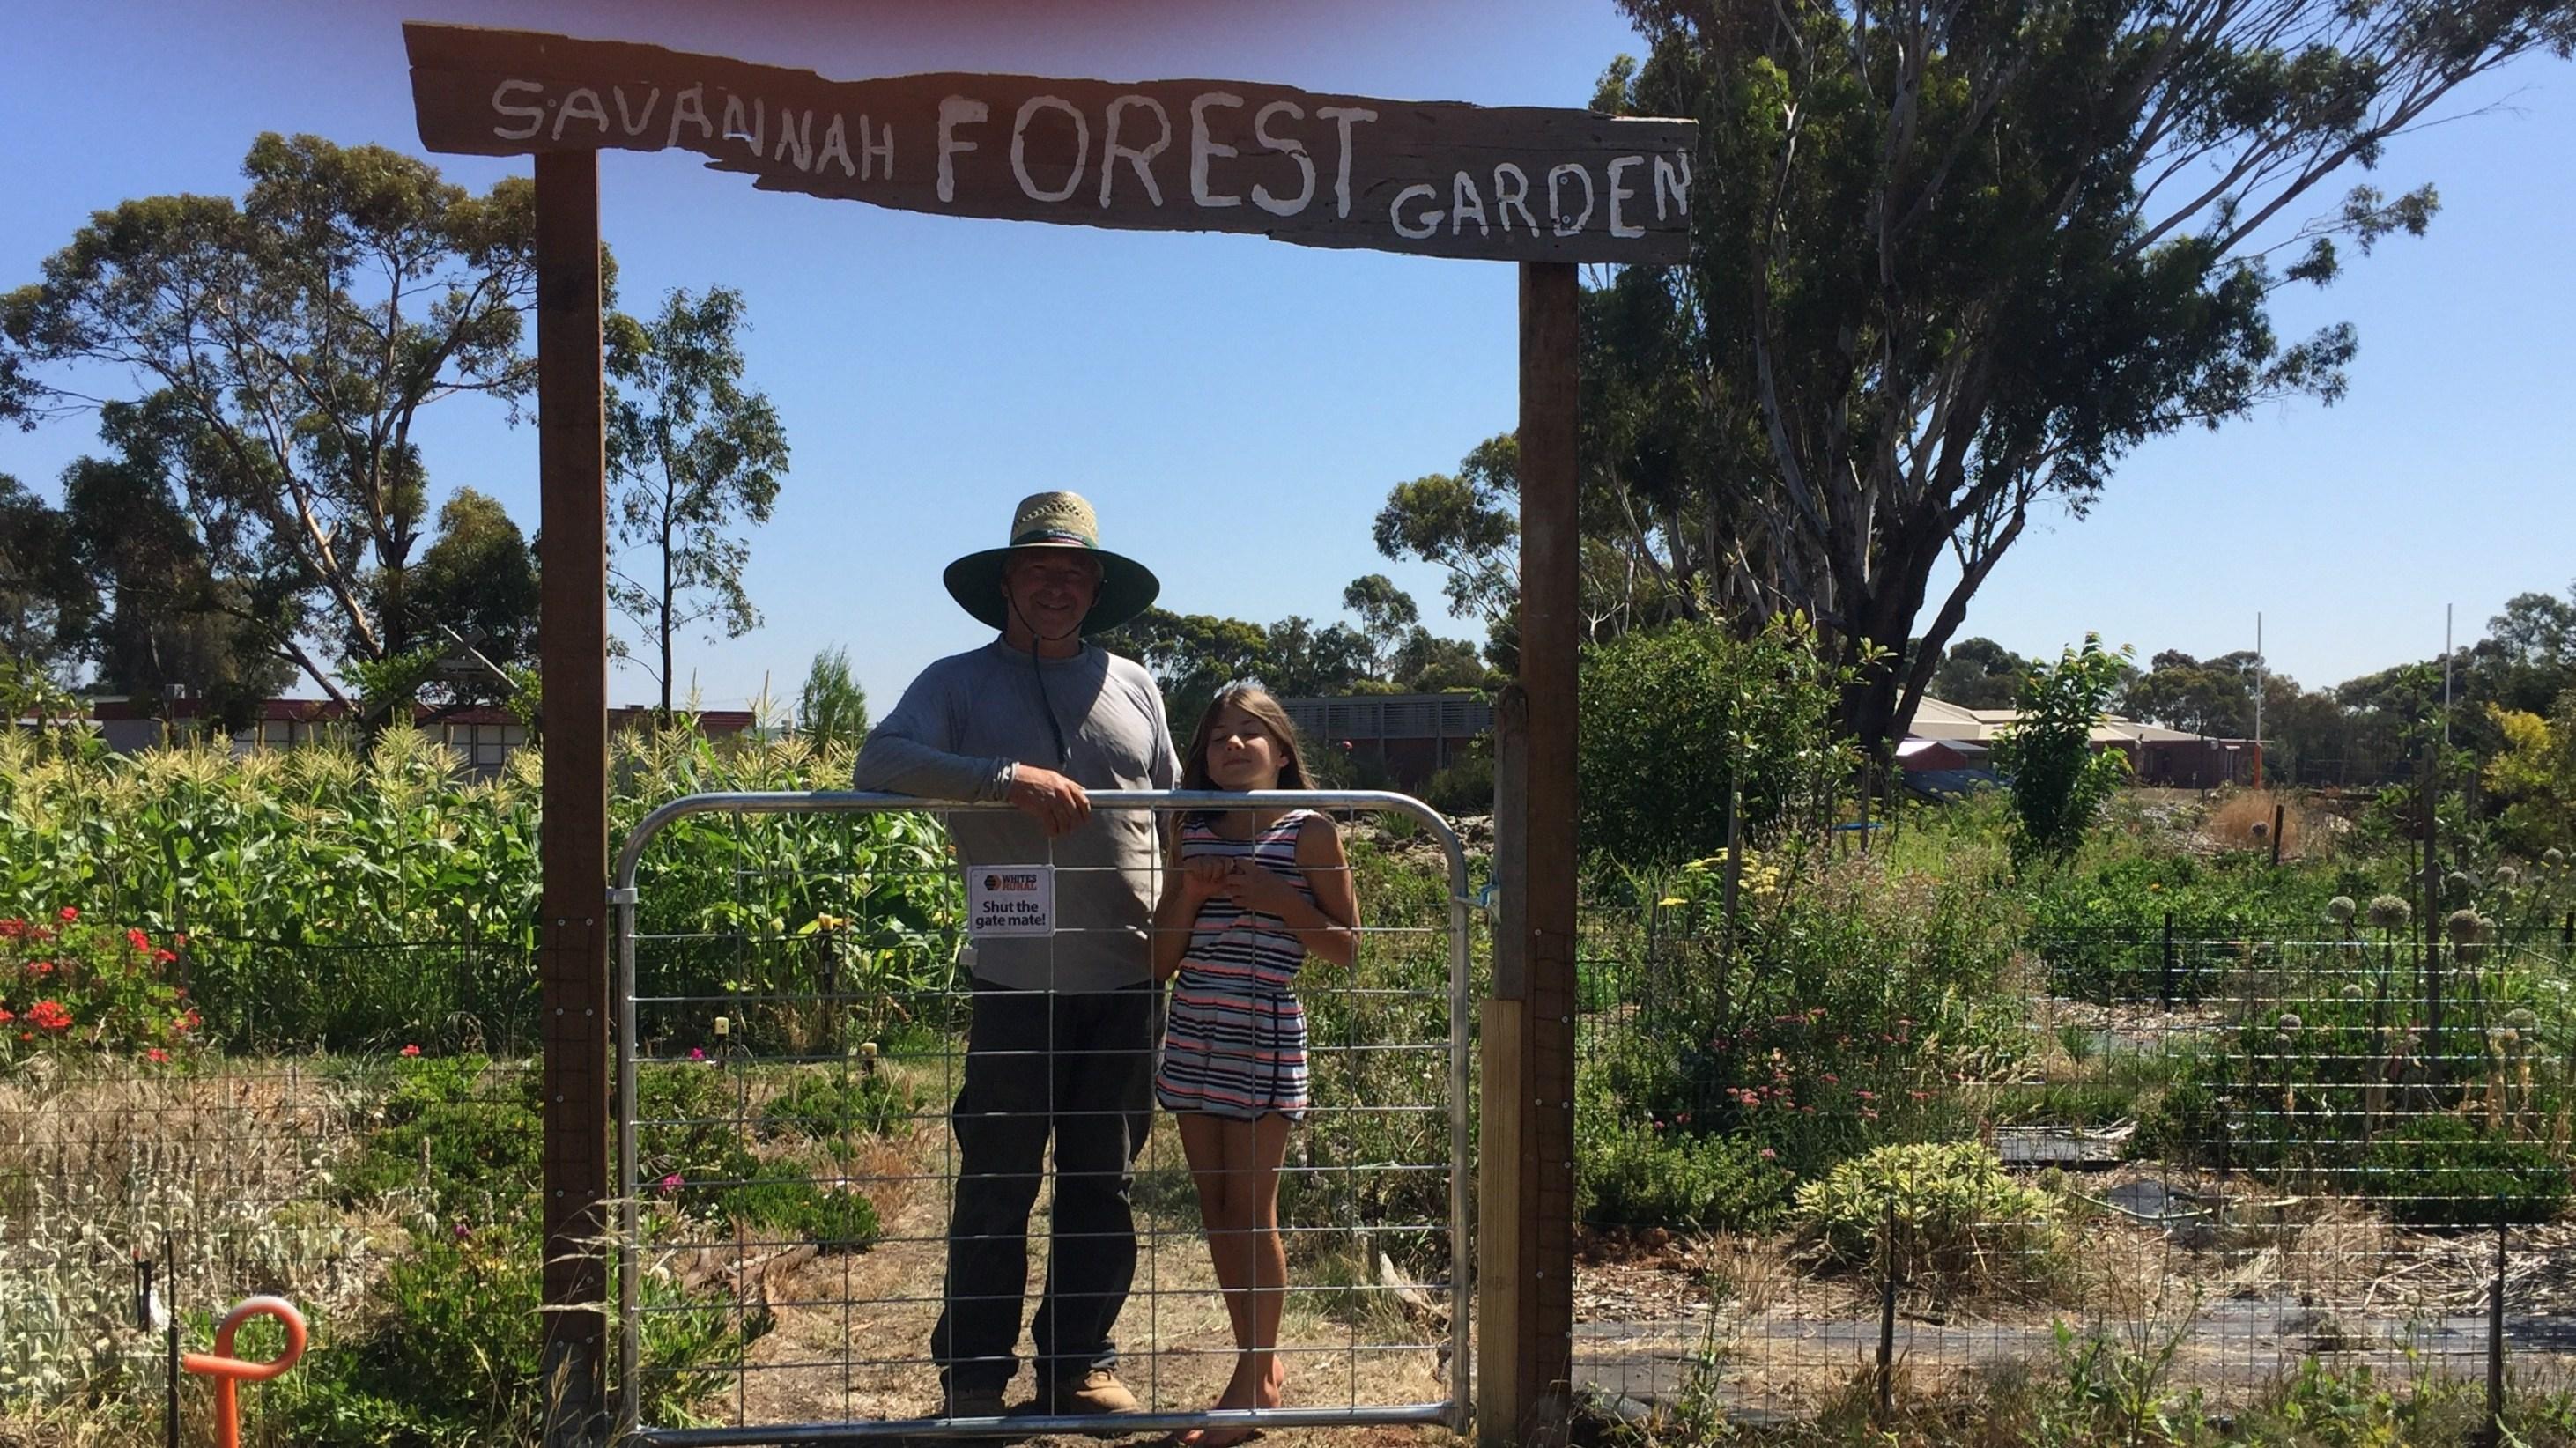 Sign – Savannah forest garden